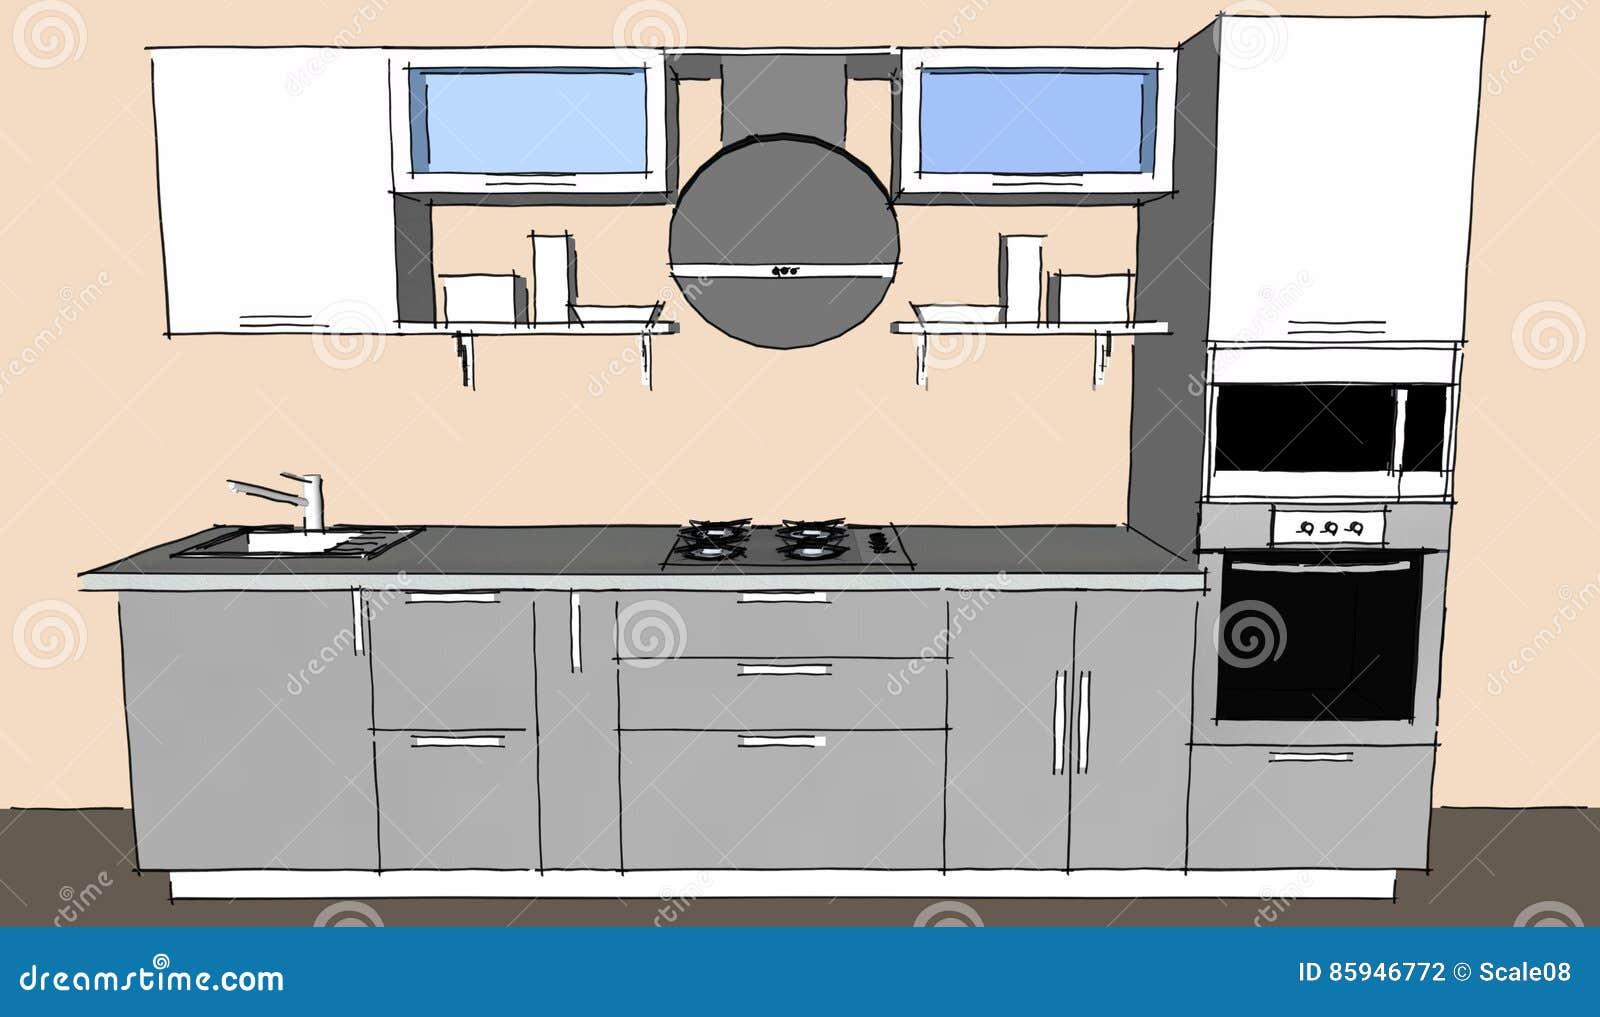 Come Progettare Una Cucina In 3d. Progettare Cucina D Come ...